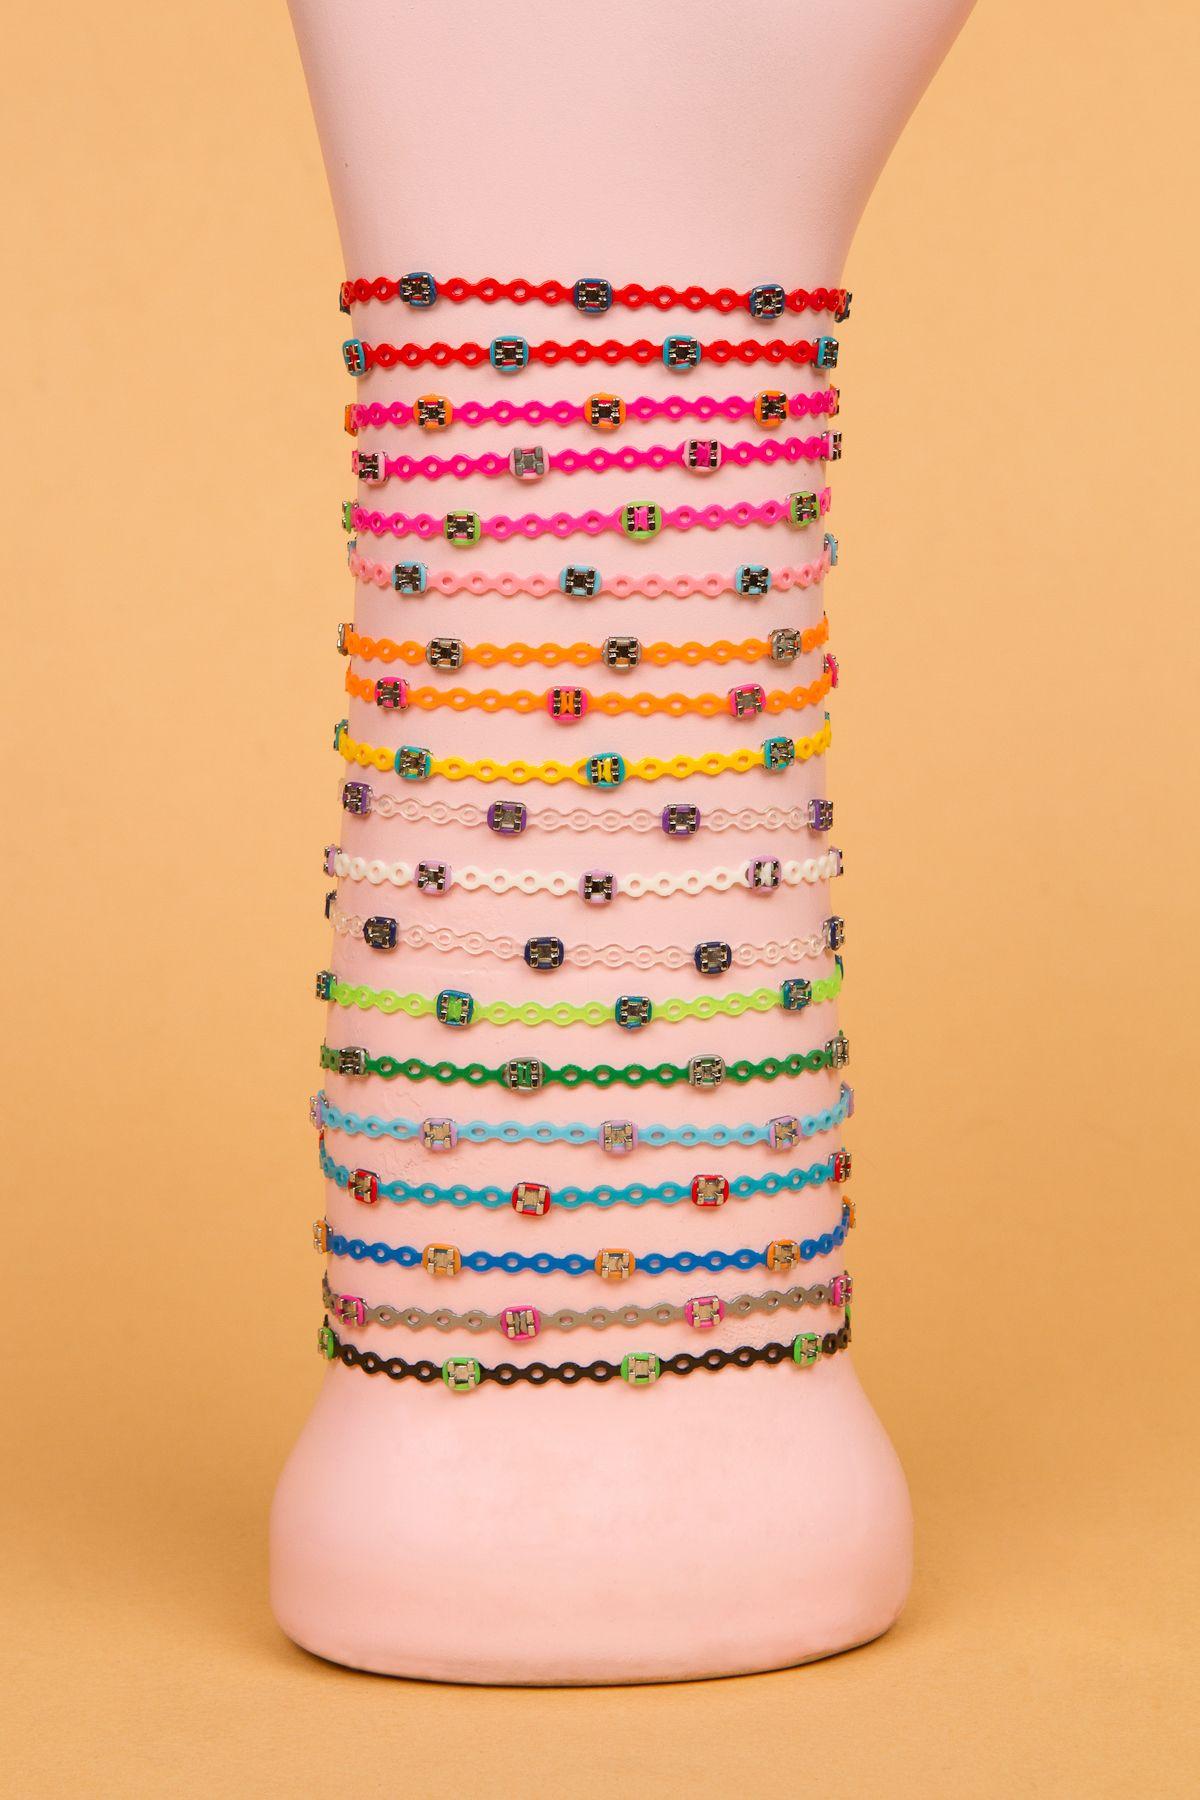 Braces Bracelets